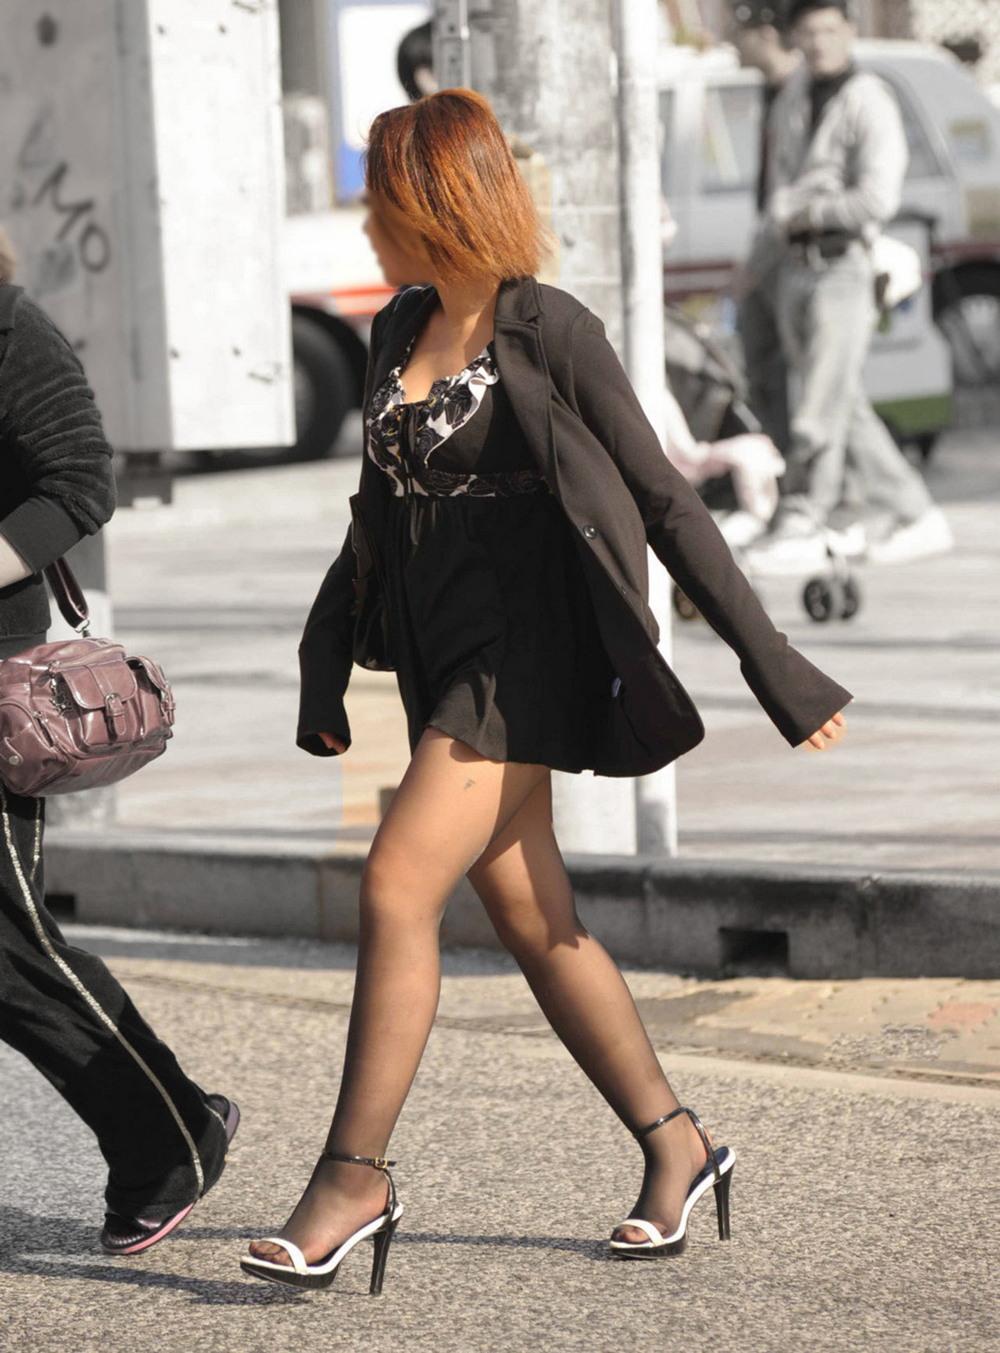 Азиатки в коротких юбках и шортах на городских улицах